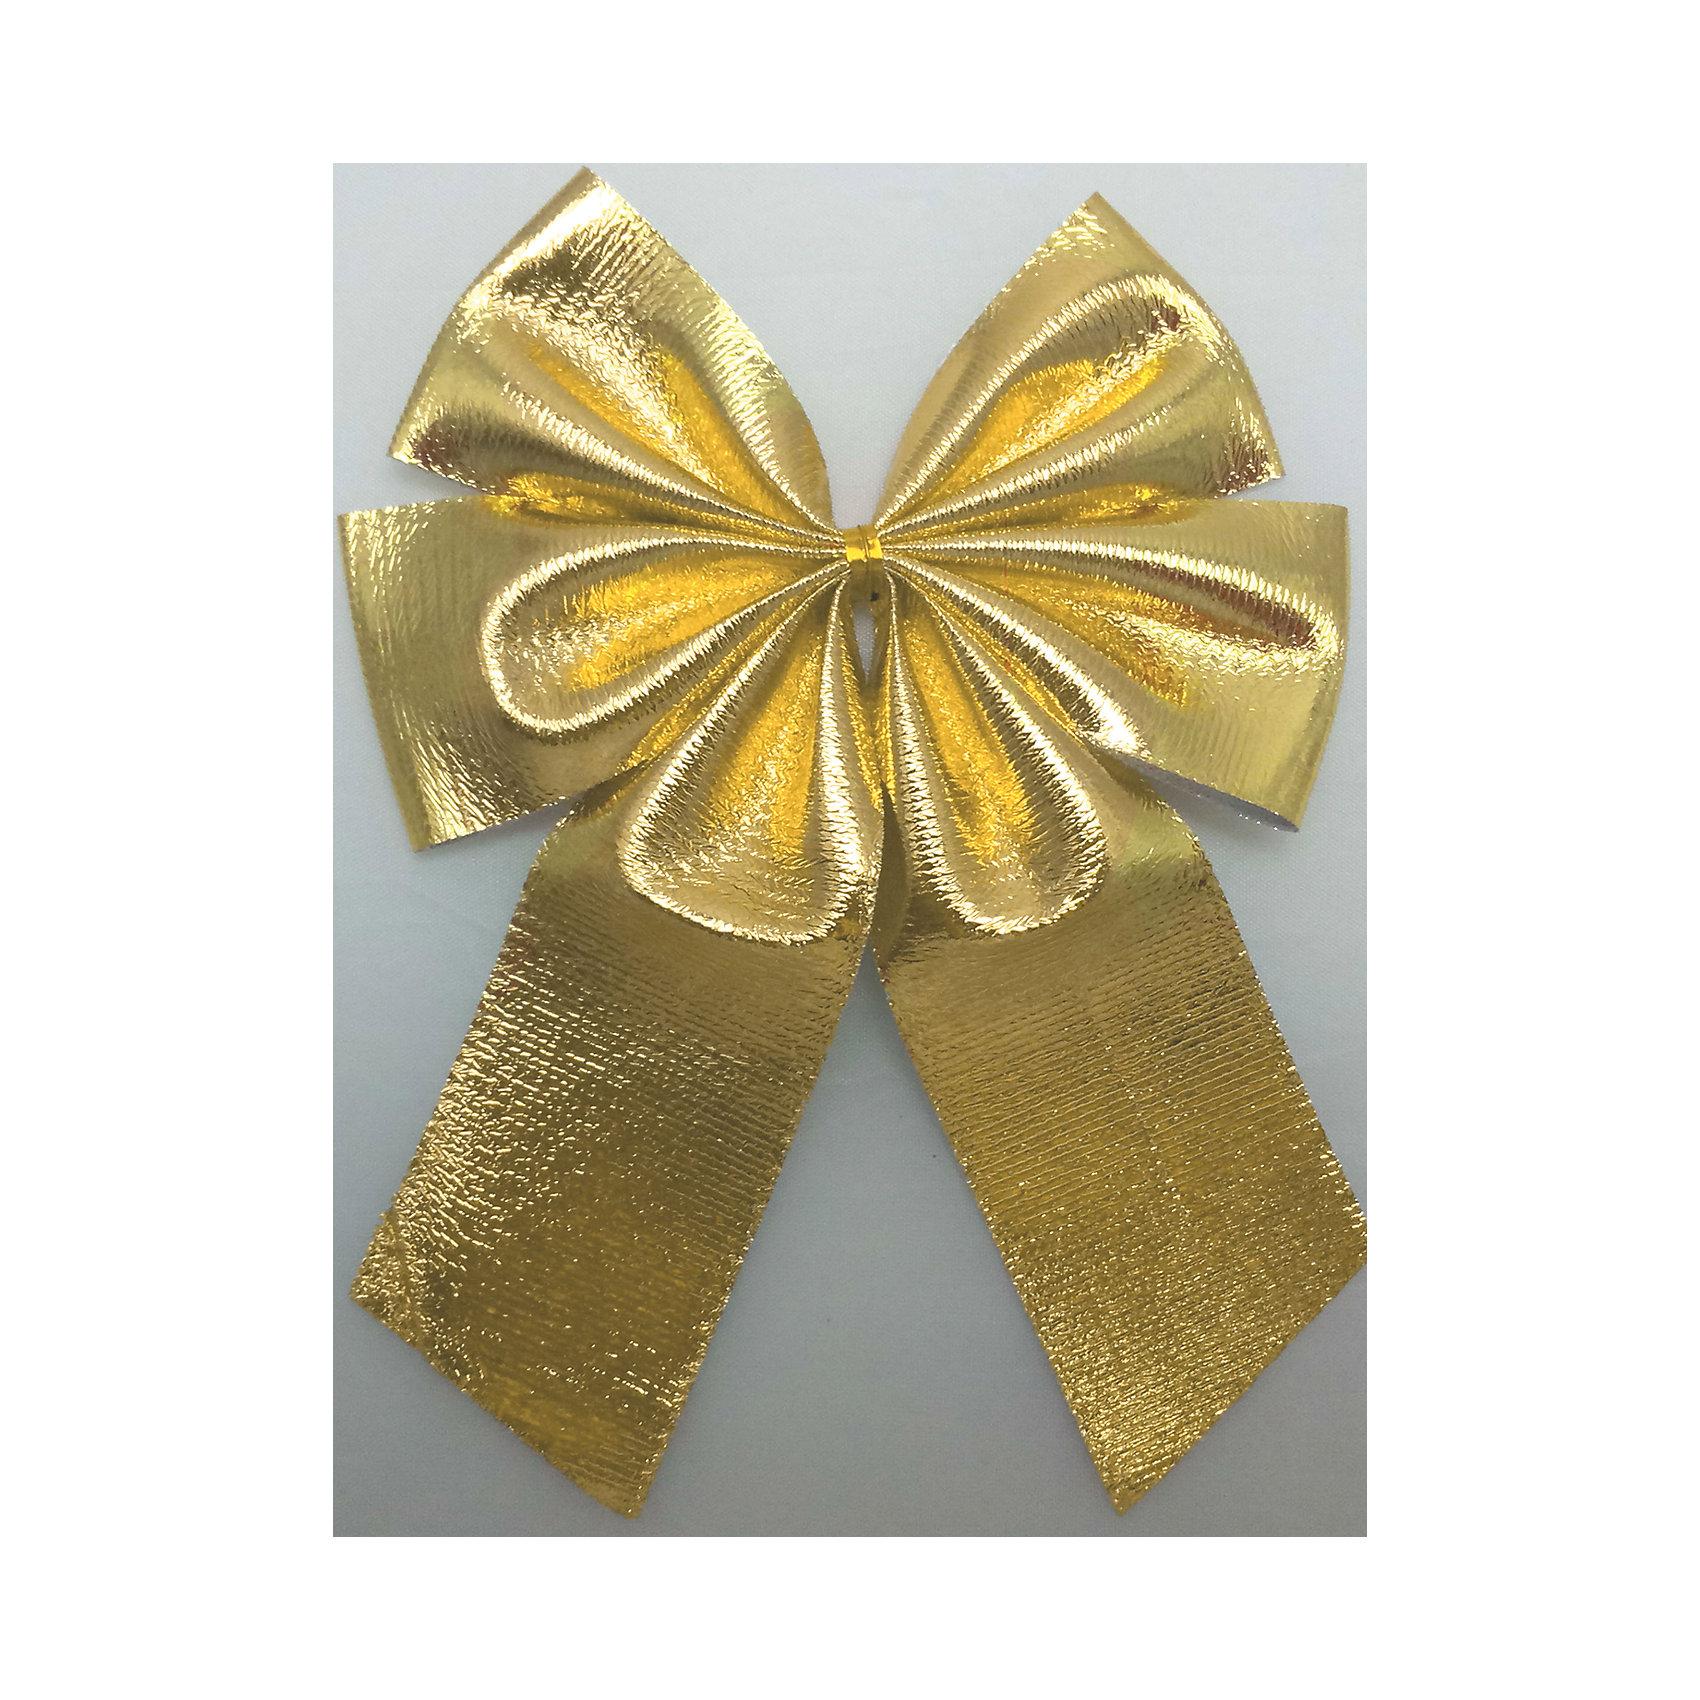 Набор Золотой бант 3 шт * 11 смВсё для праздника<br>Банты металлизированные золото 3 банта 11см арт.16053   Бант выполнен из нейлона и предназначен для оформления подарочных коробок, пакетов. Кроме того, декоративный бант прекрасно для оформления праздничной елки и интерьера.<br><br>Ширина мм: 290<br>Глубина мм: 170<br>Высота мм: 10<br>Вес г: 60<br>Возраст от месяцев: 72<br>Возраст до месяцев: 480<br>Пол: Унисекс<br>Возраст: Детский<br>SKU: 5051627